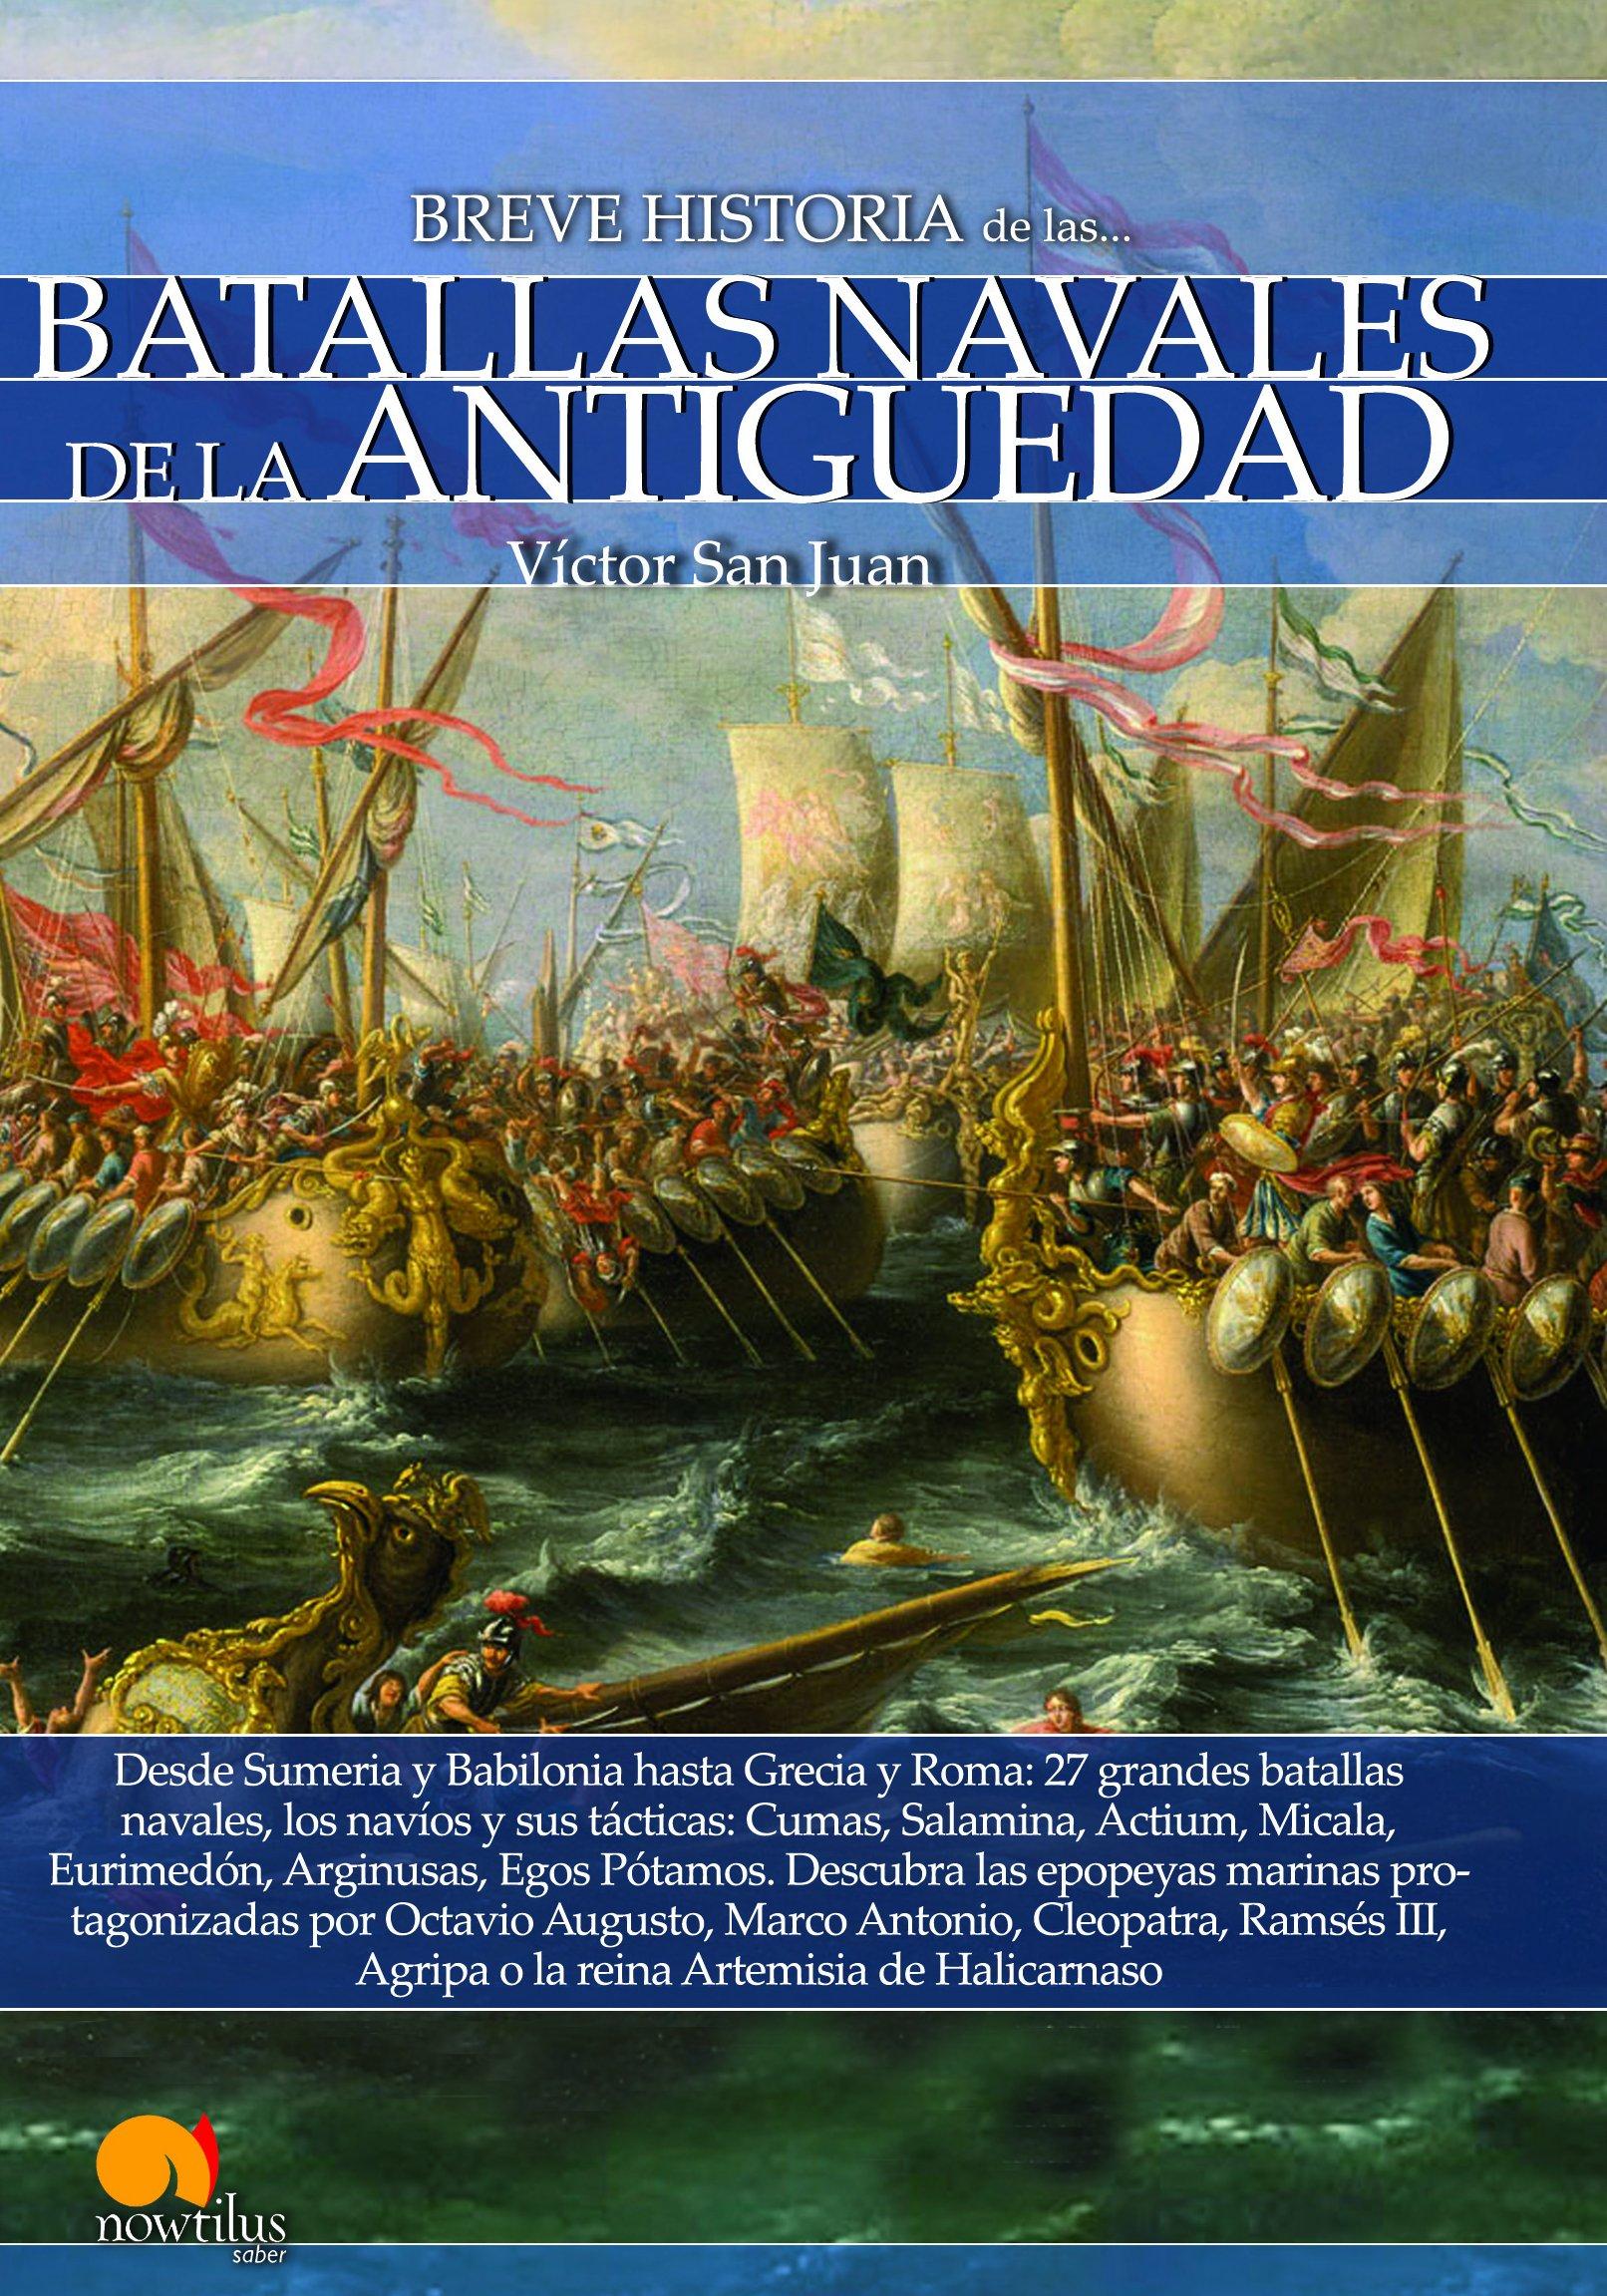 Breve historia de las Batallas navales de la Antigüedad: Amazon.es ...